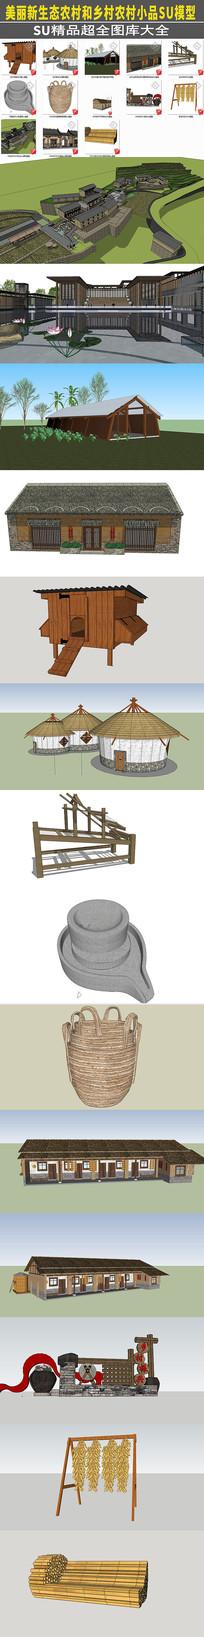 美丽新生态农村和乡村农村小品SU模型